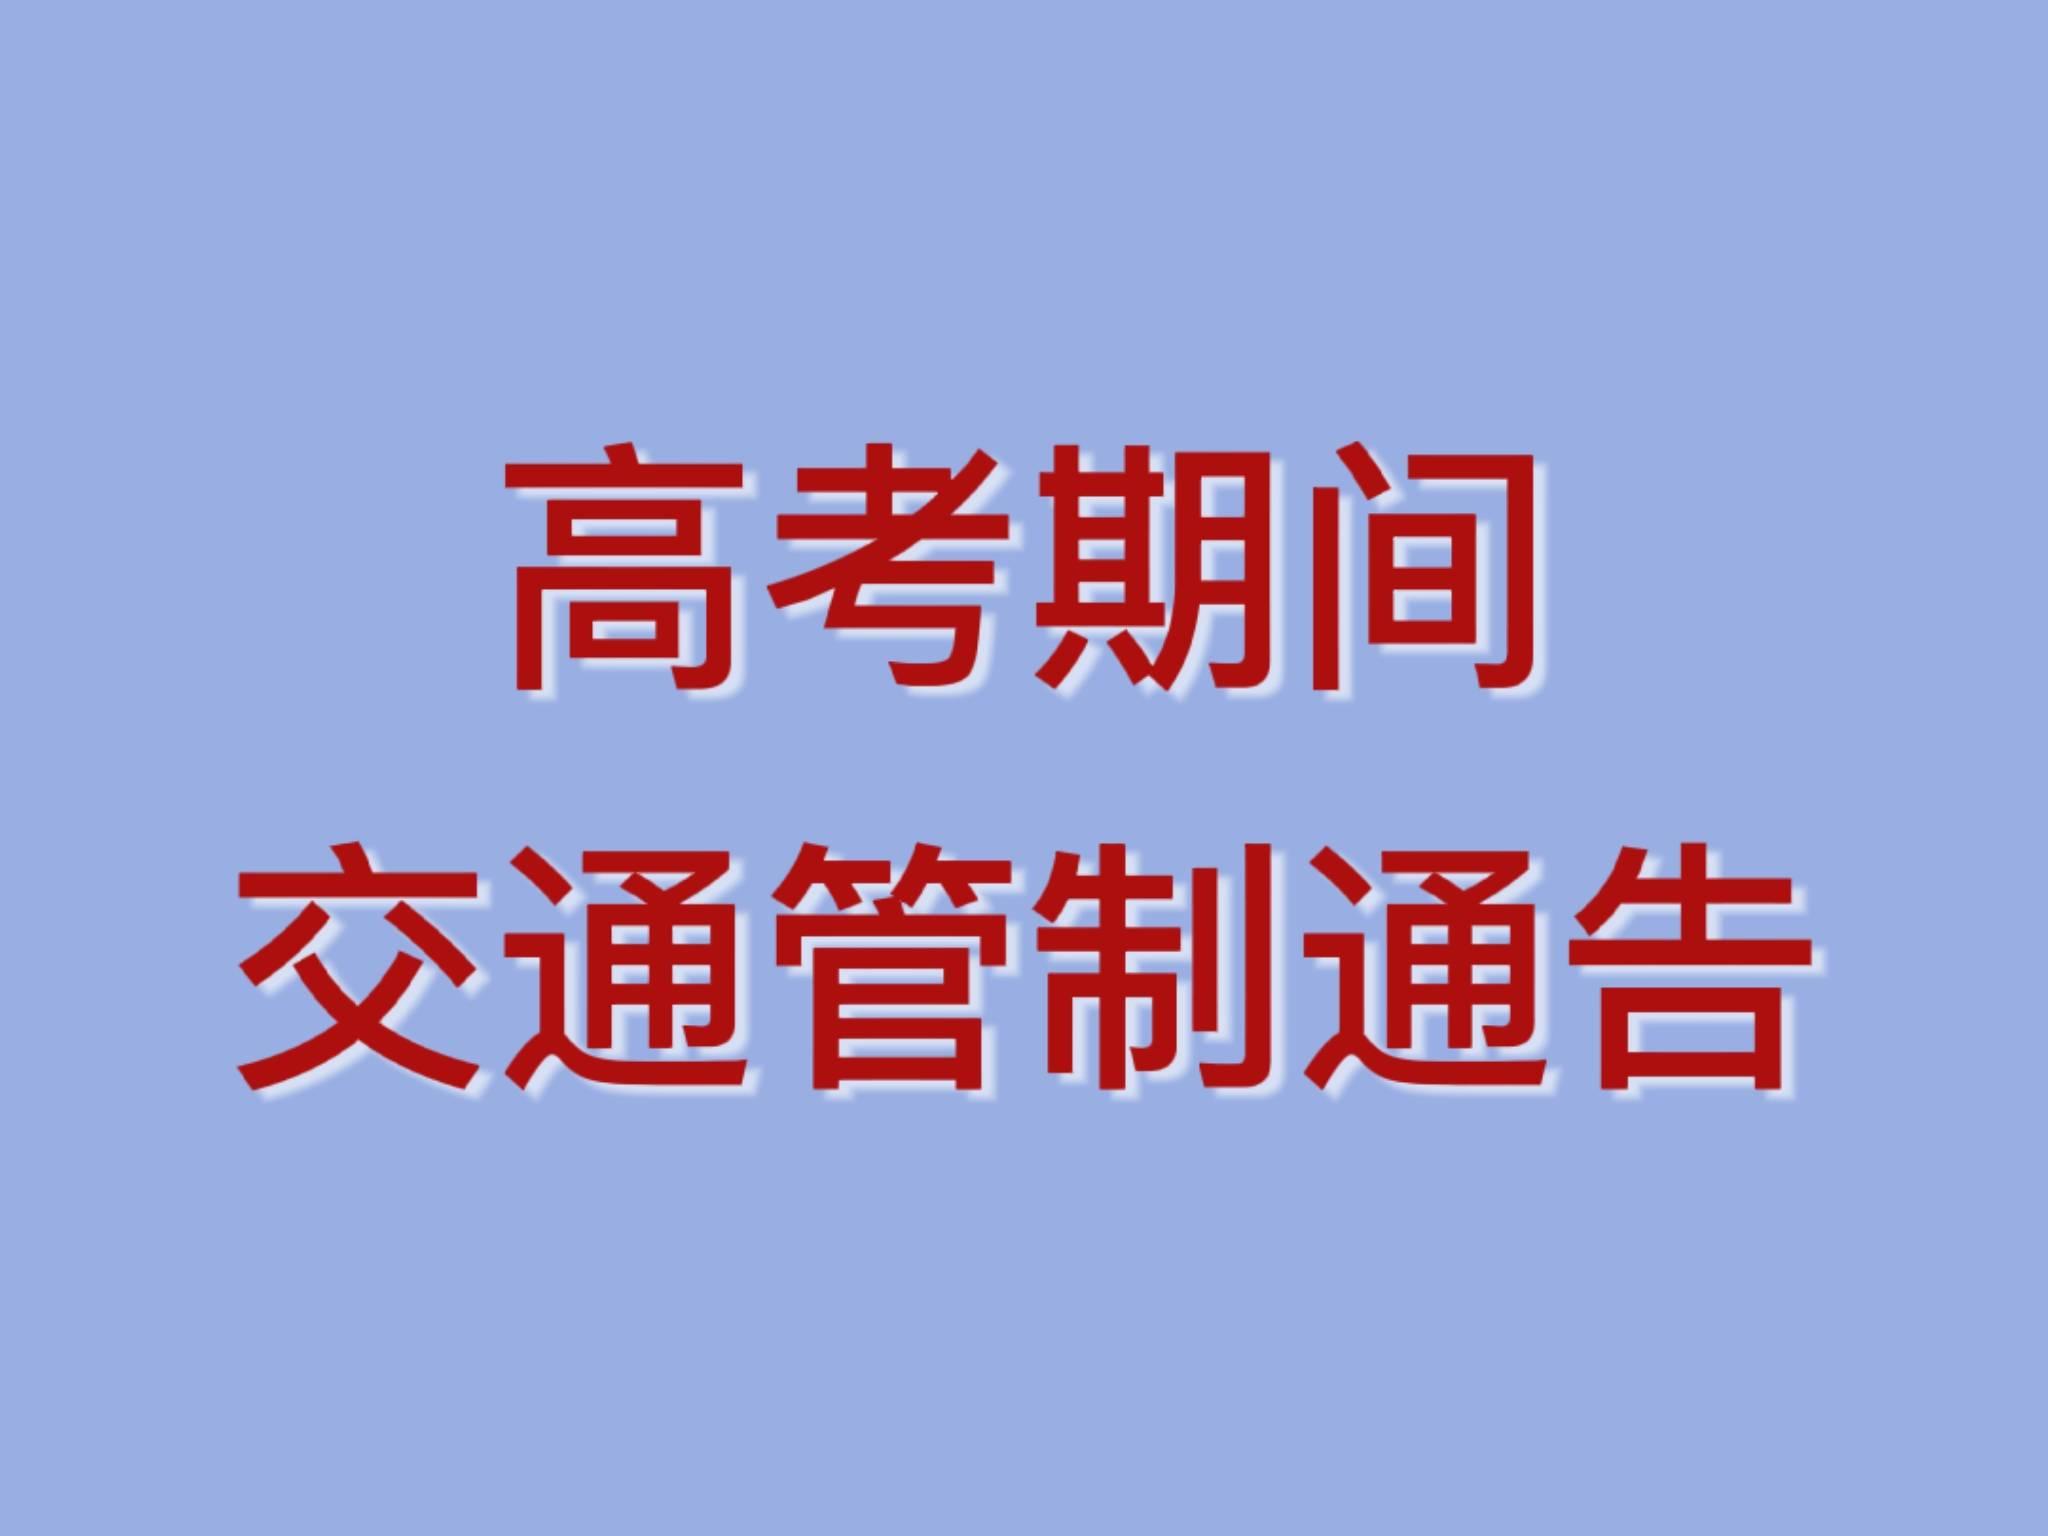 【前郭交警】关于2021年高考期间对部分道路进行交通管制的通告